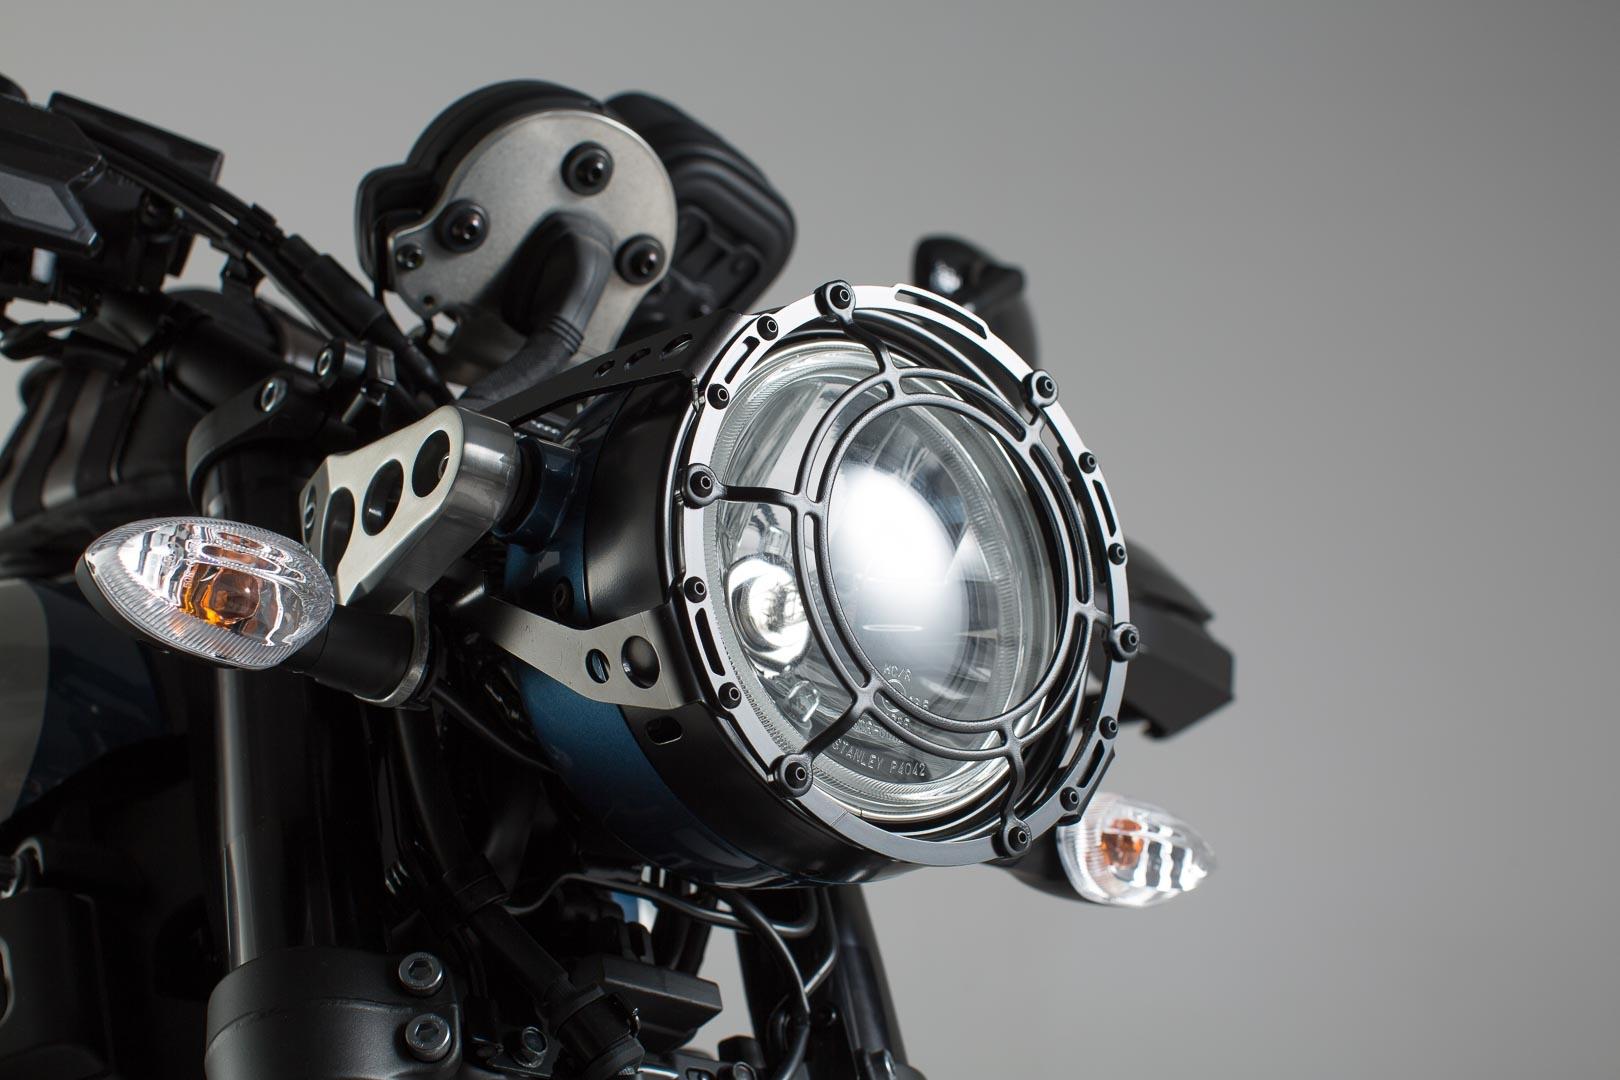 Yamaha XSR 900 16 Lps 06 599 10000 B 1 Scheinwerferschutz Schutzgitter Schwarz